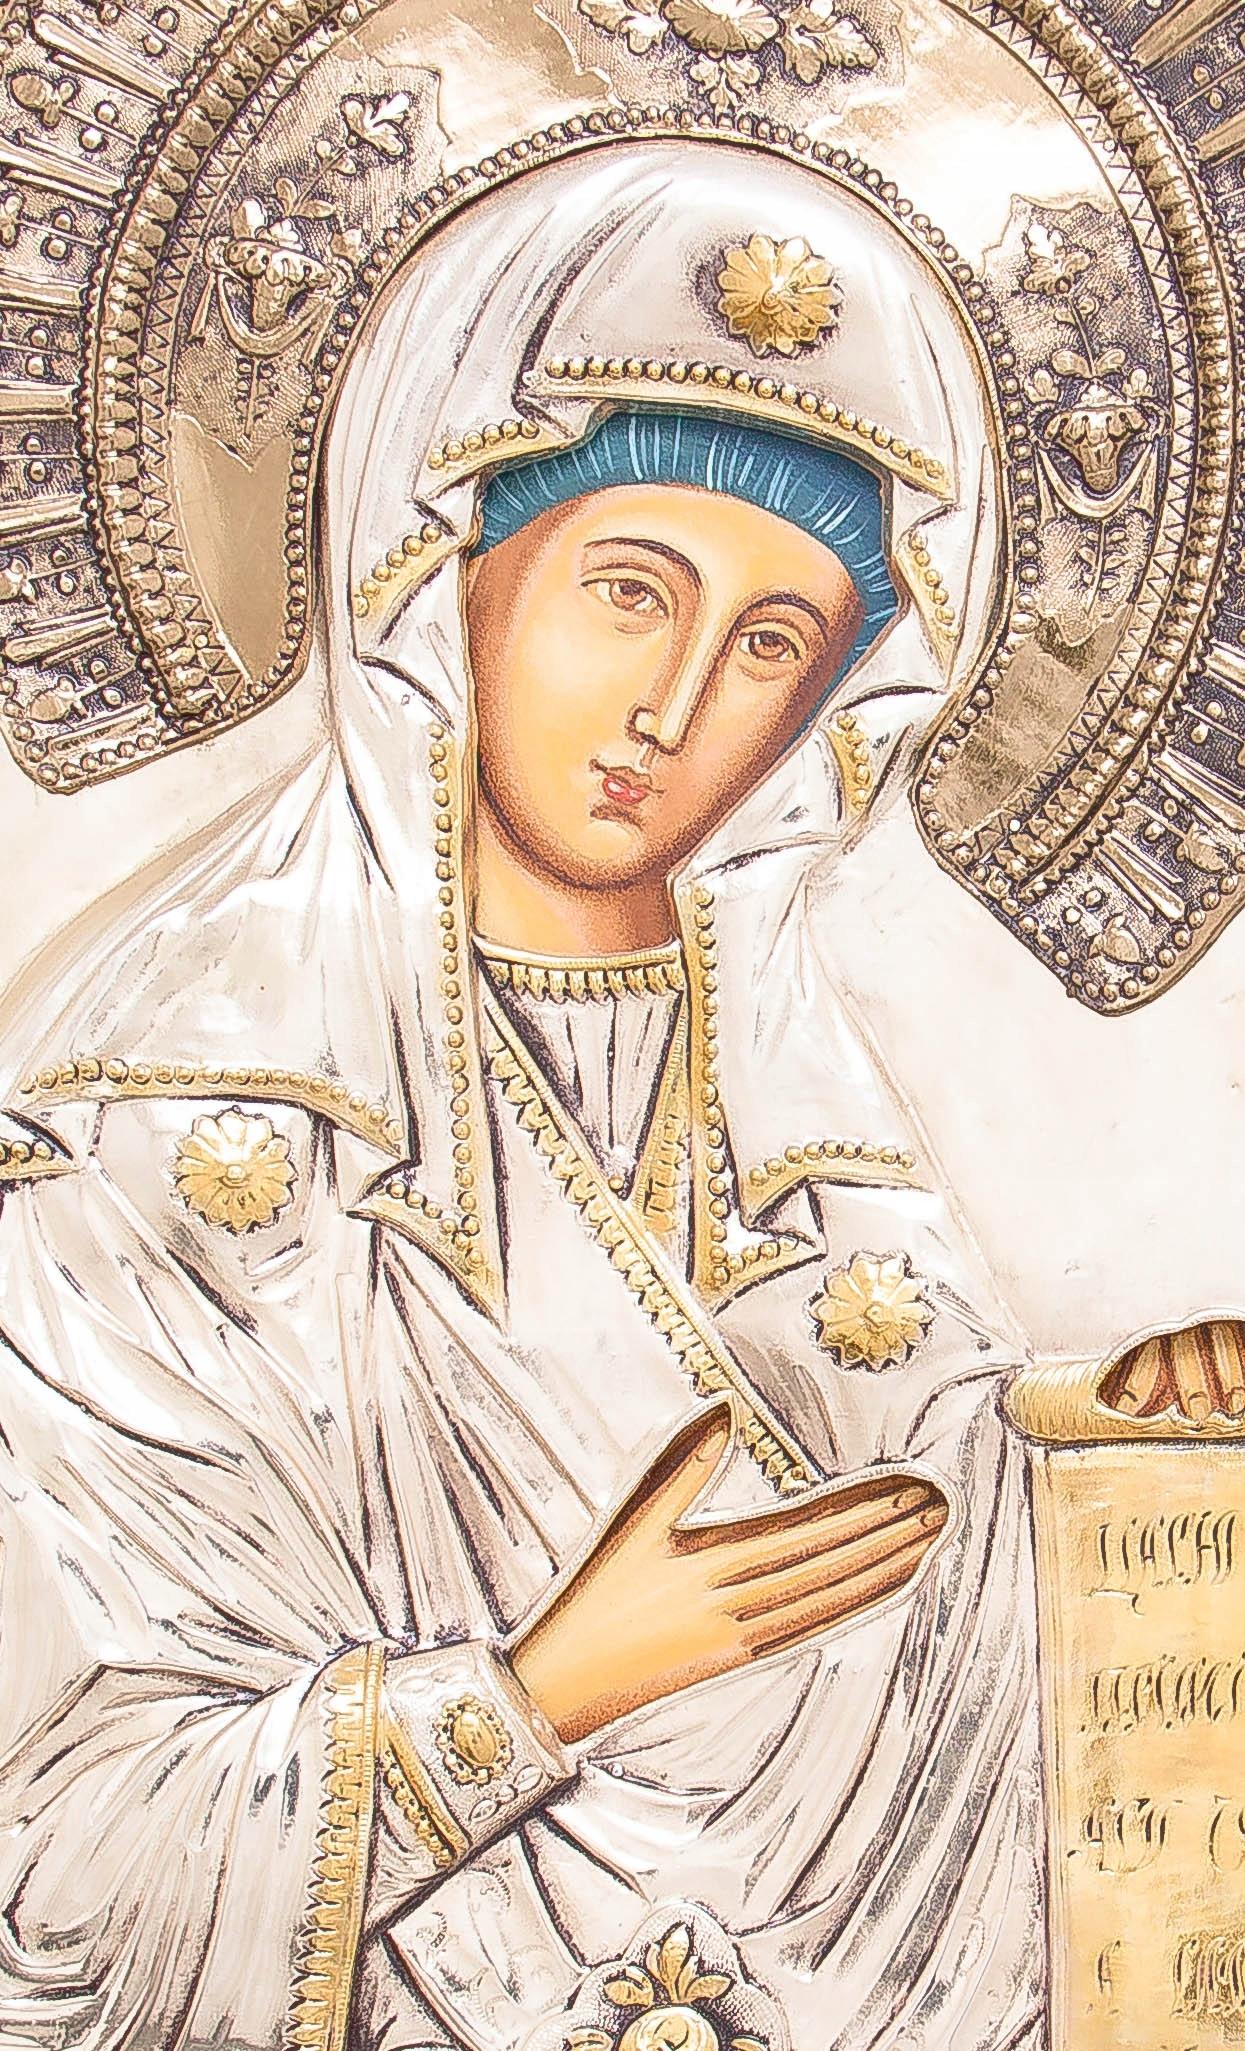 Ikona Matki Bożej Bogolubskiej SREBRO ZŁOTO nr 39 Rodzaj przedstawienia Matka Boża